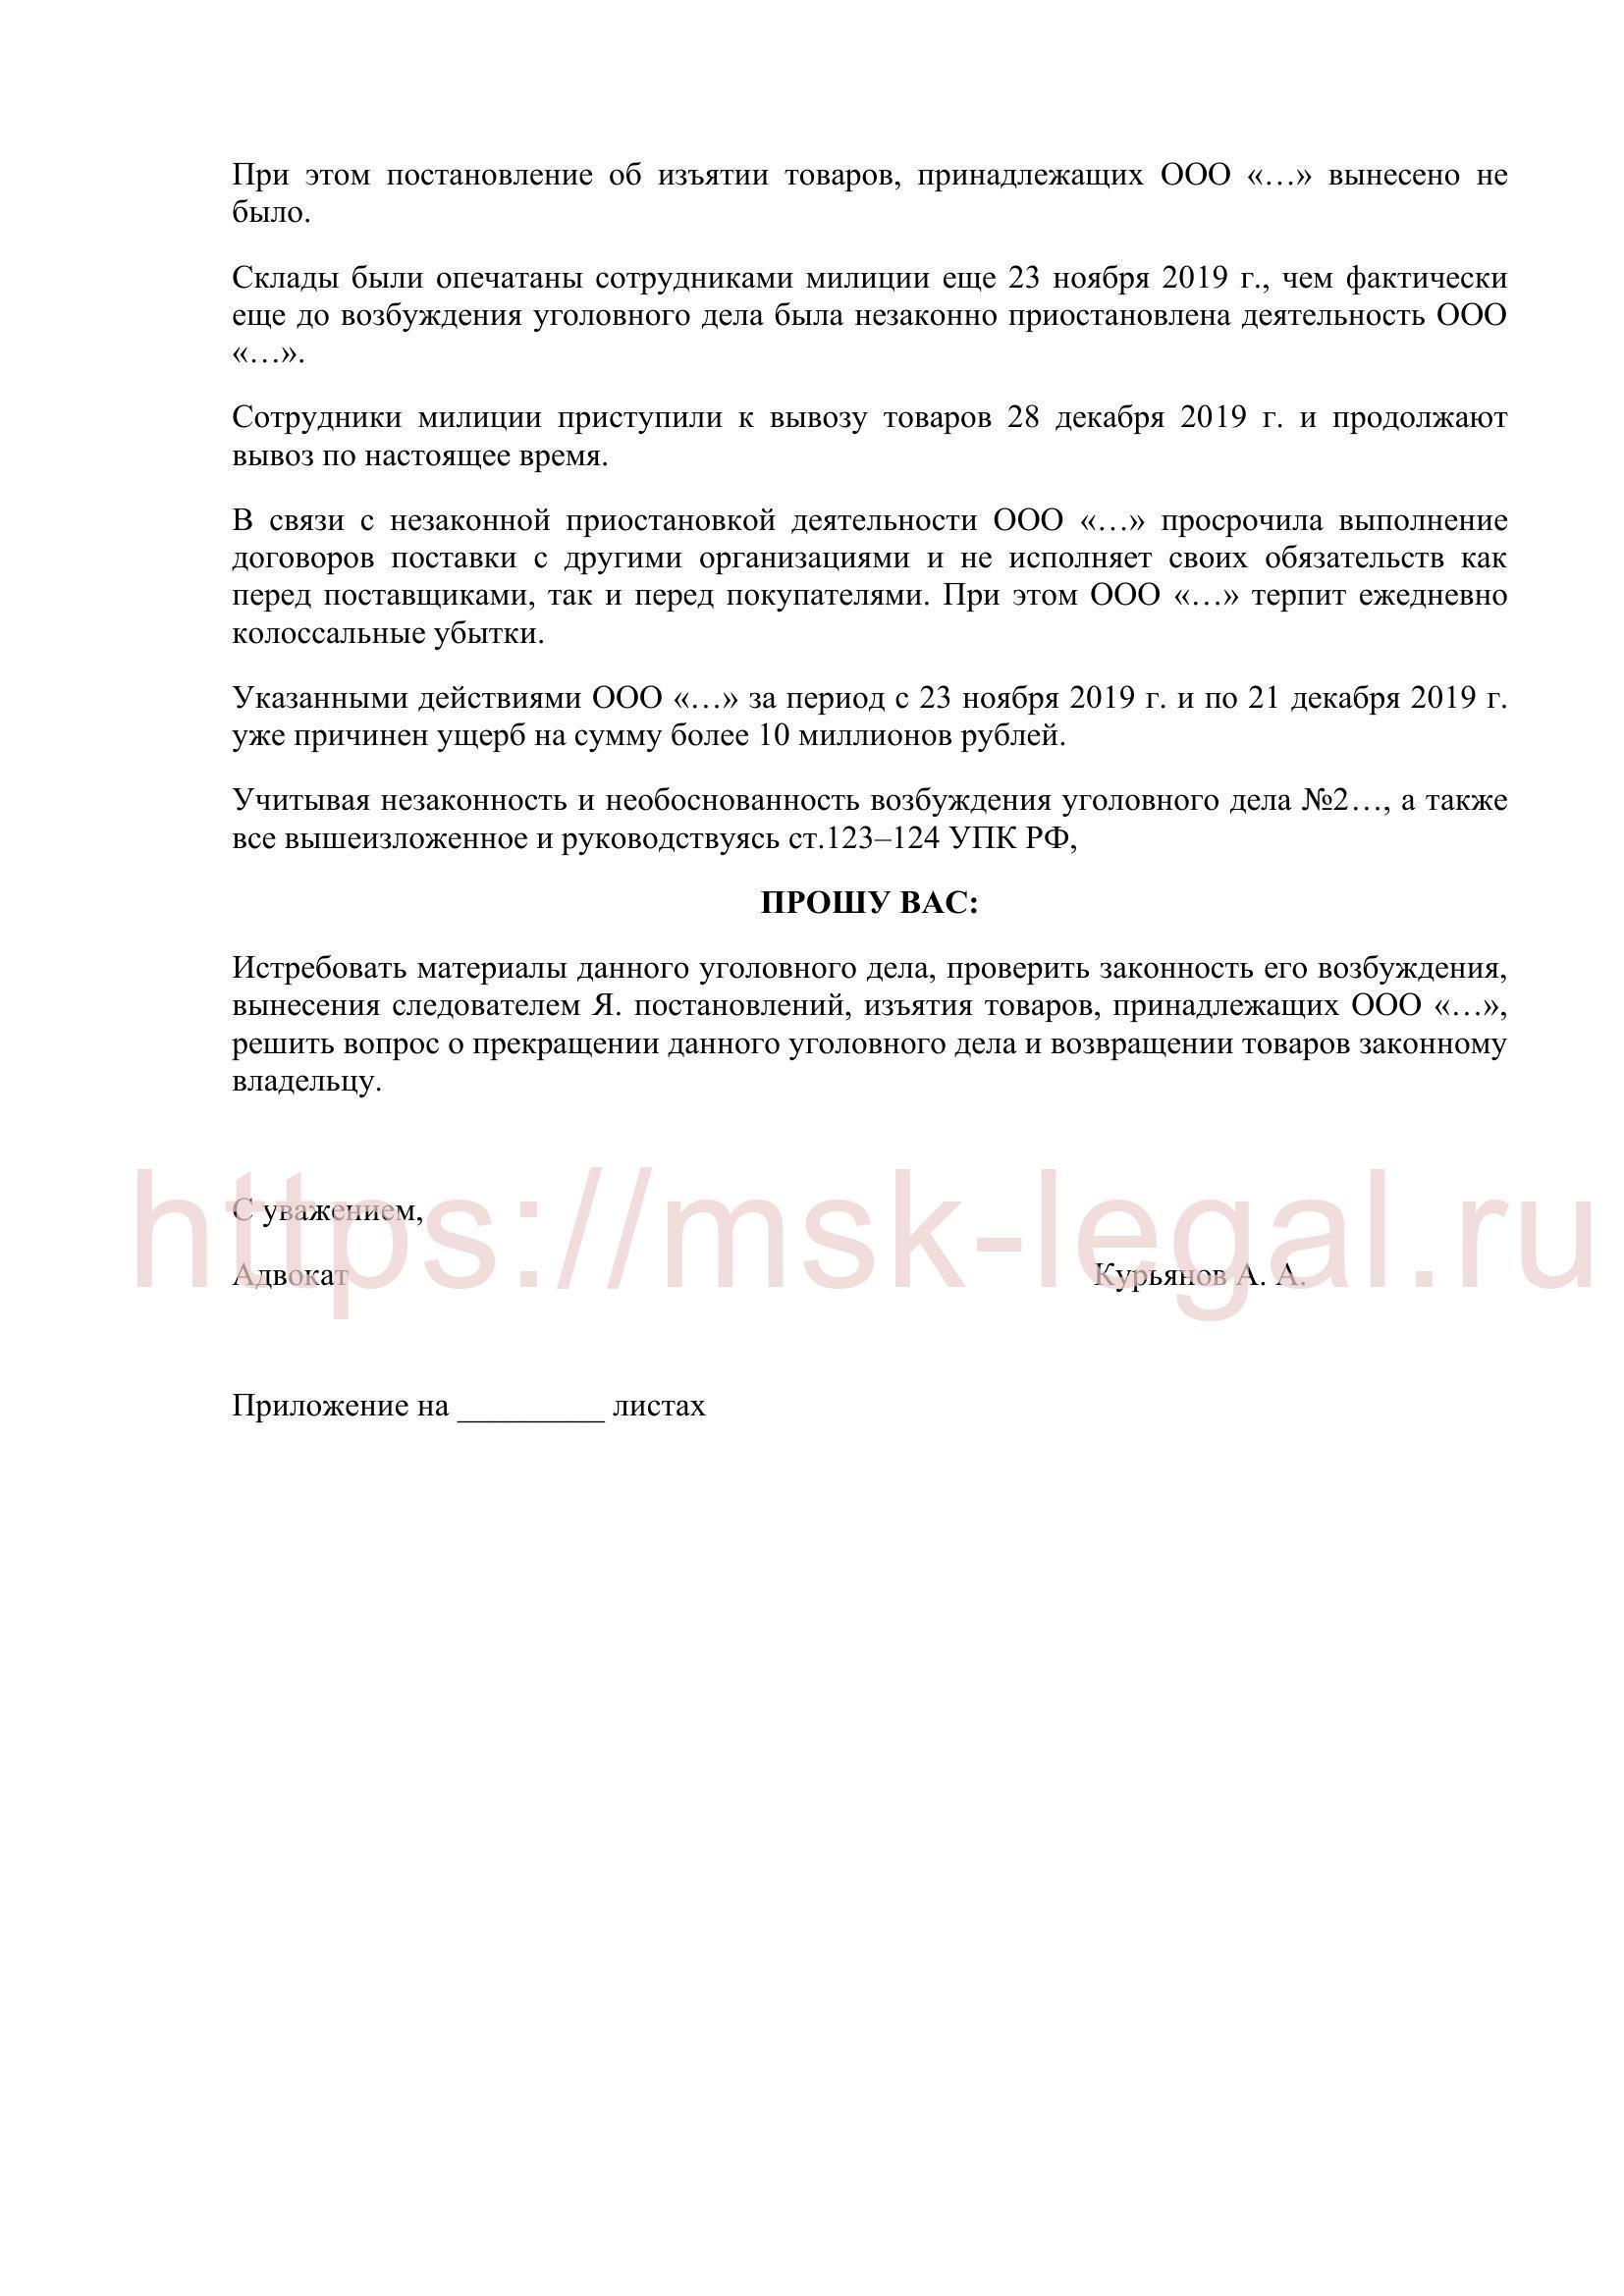 Пример жалобы по ст. 125 УПК РФ в суд